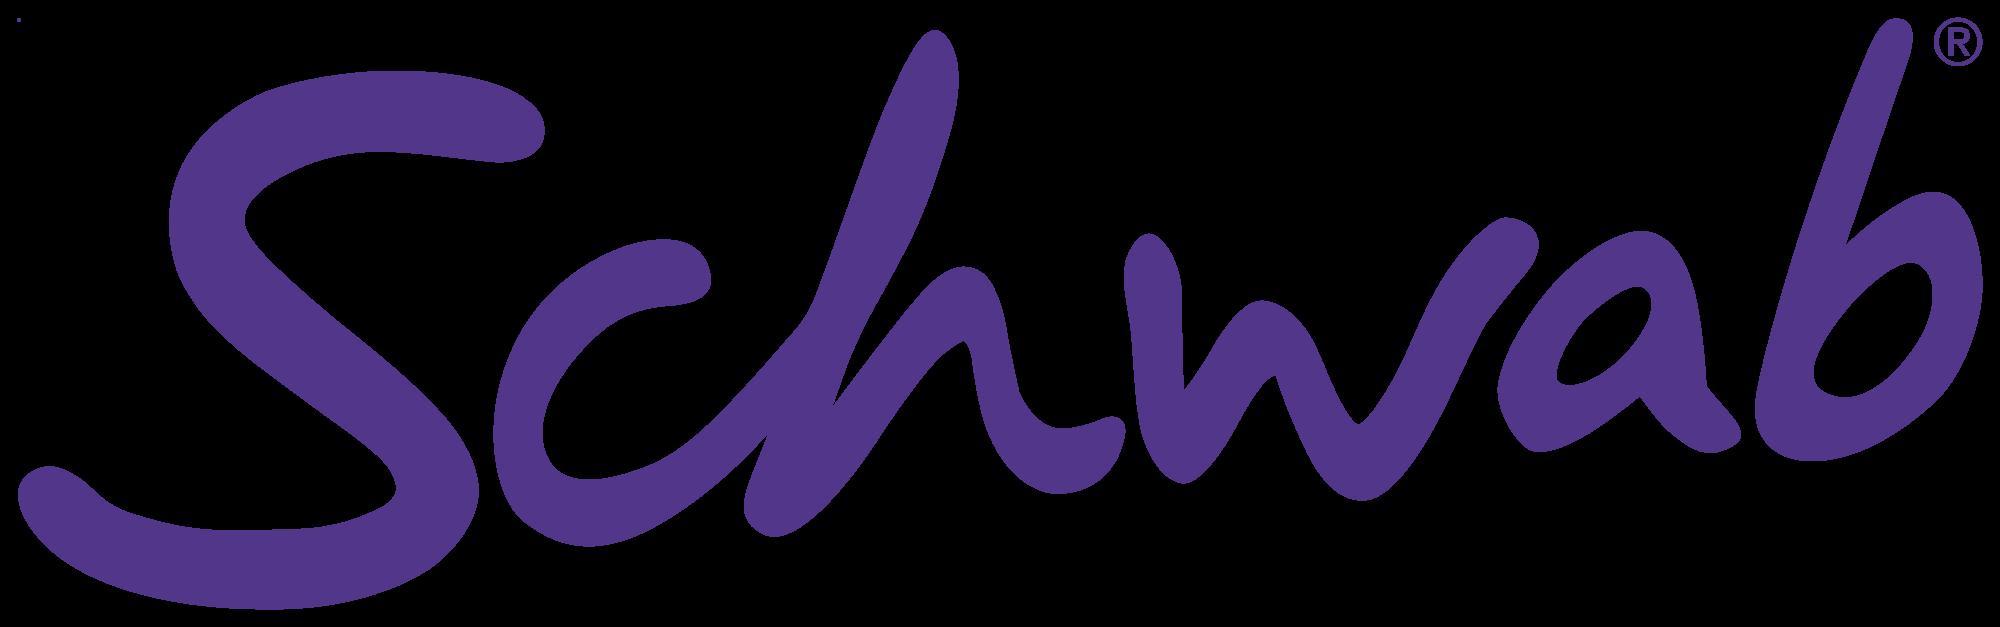 Schwab Gutschein Elektronik